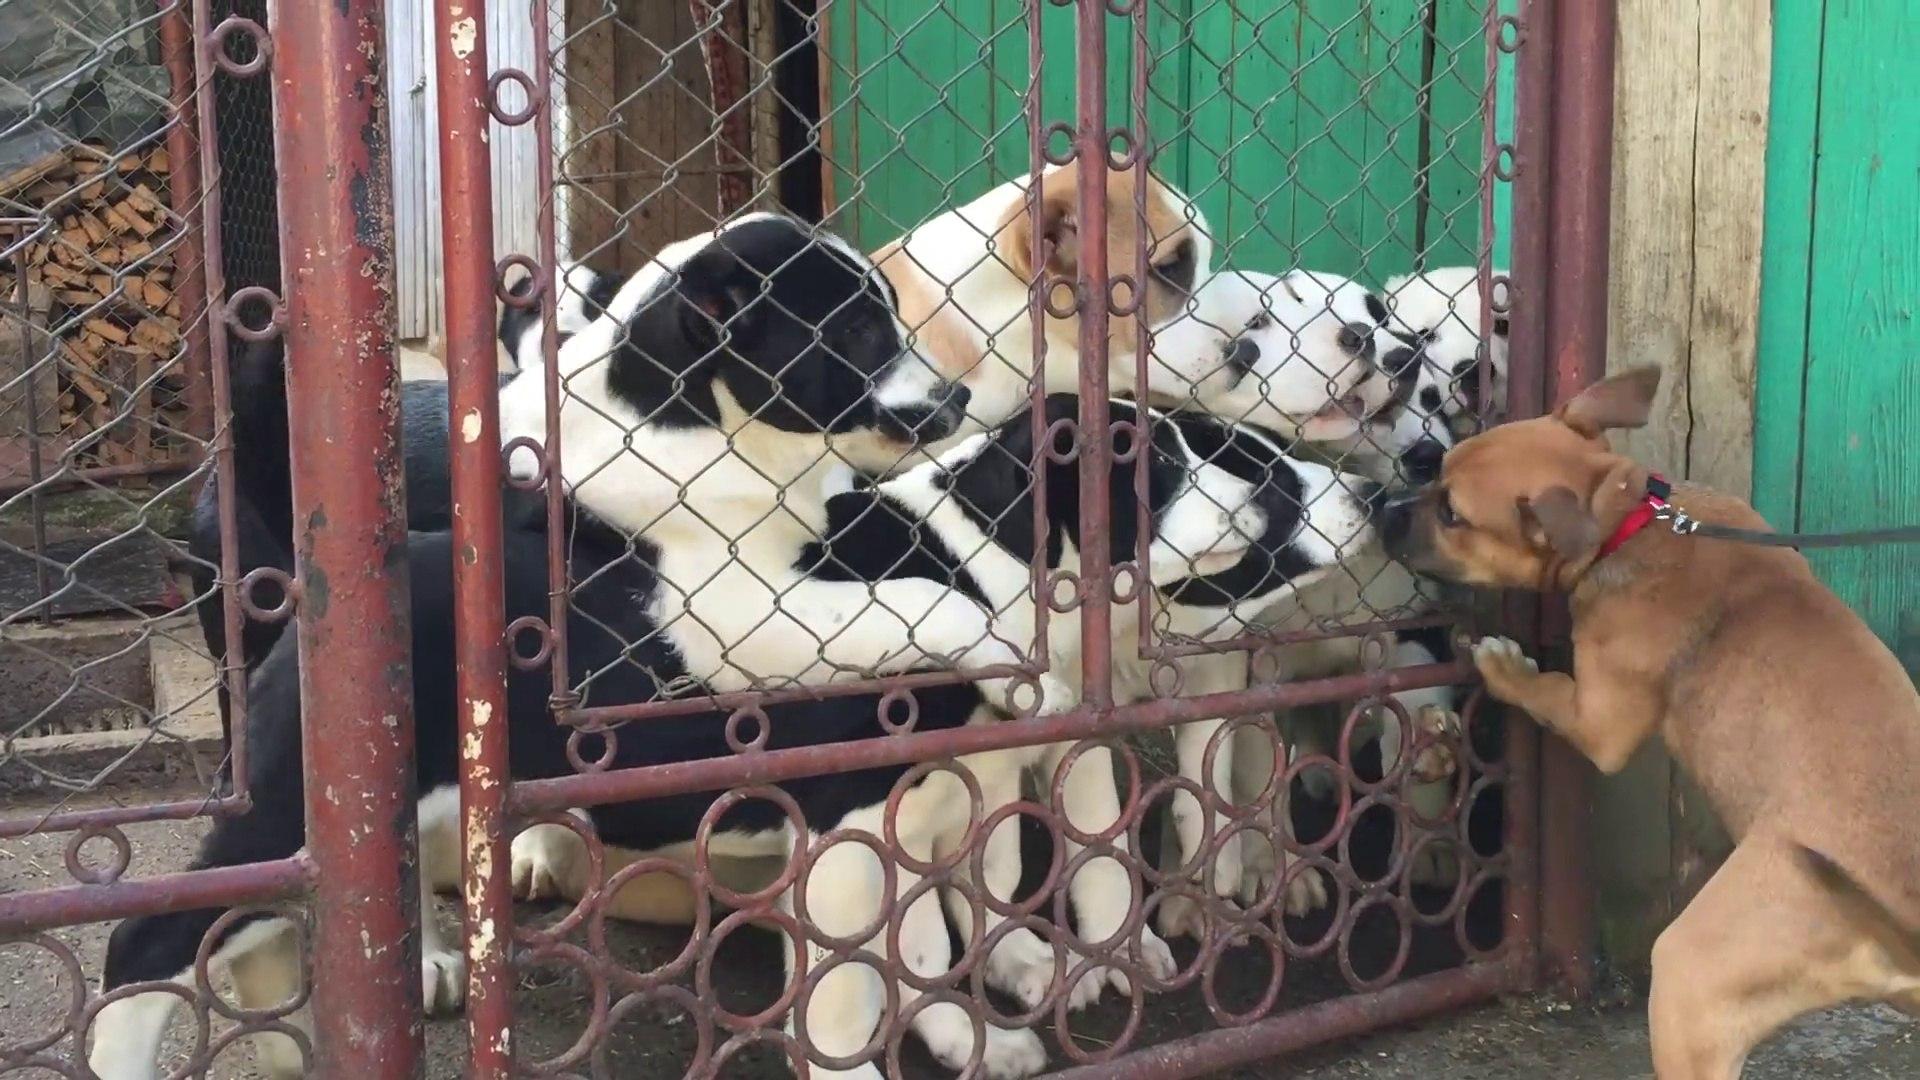 ALABAY YAVRULARI ATISMASI - ALABAi SHEPHERD DOG PUPPiES VS